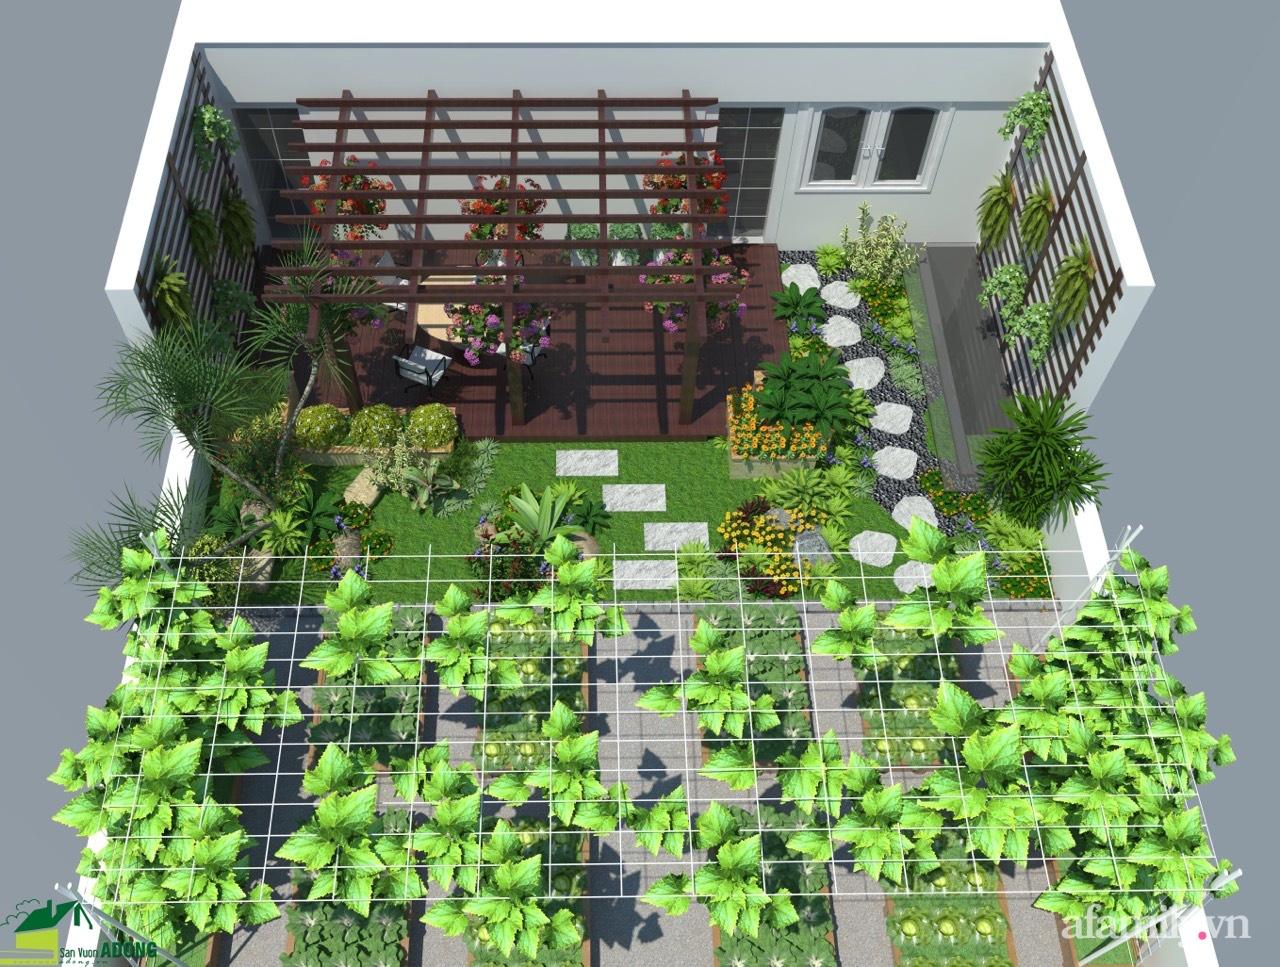 Vườn rau quả sạch 100m2 trên mái nhà của người phụ nữ xinh đẹp ở Hà Nội - Ảnh 1.